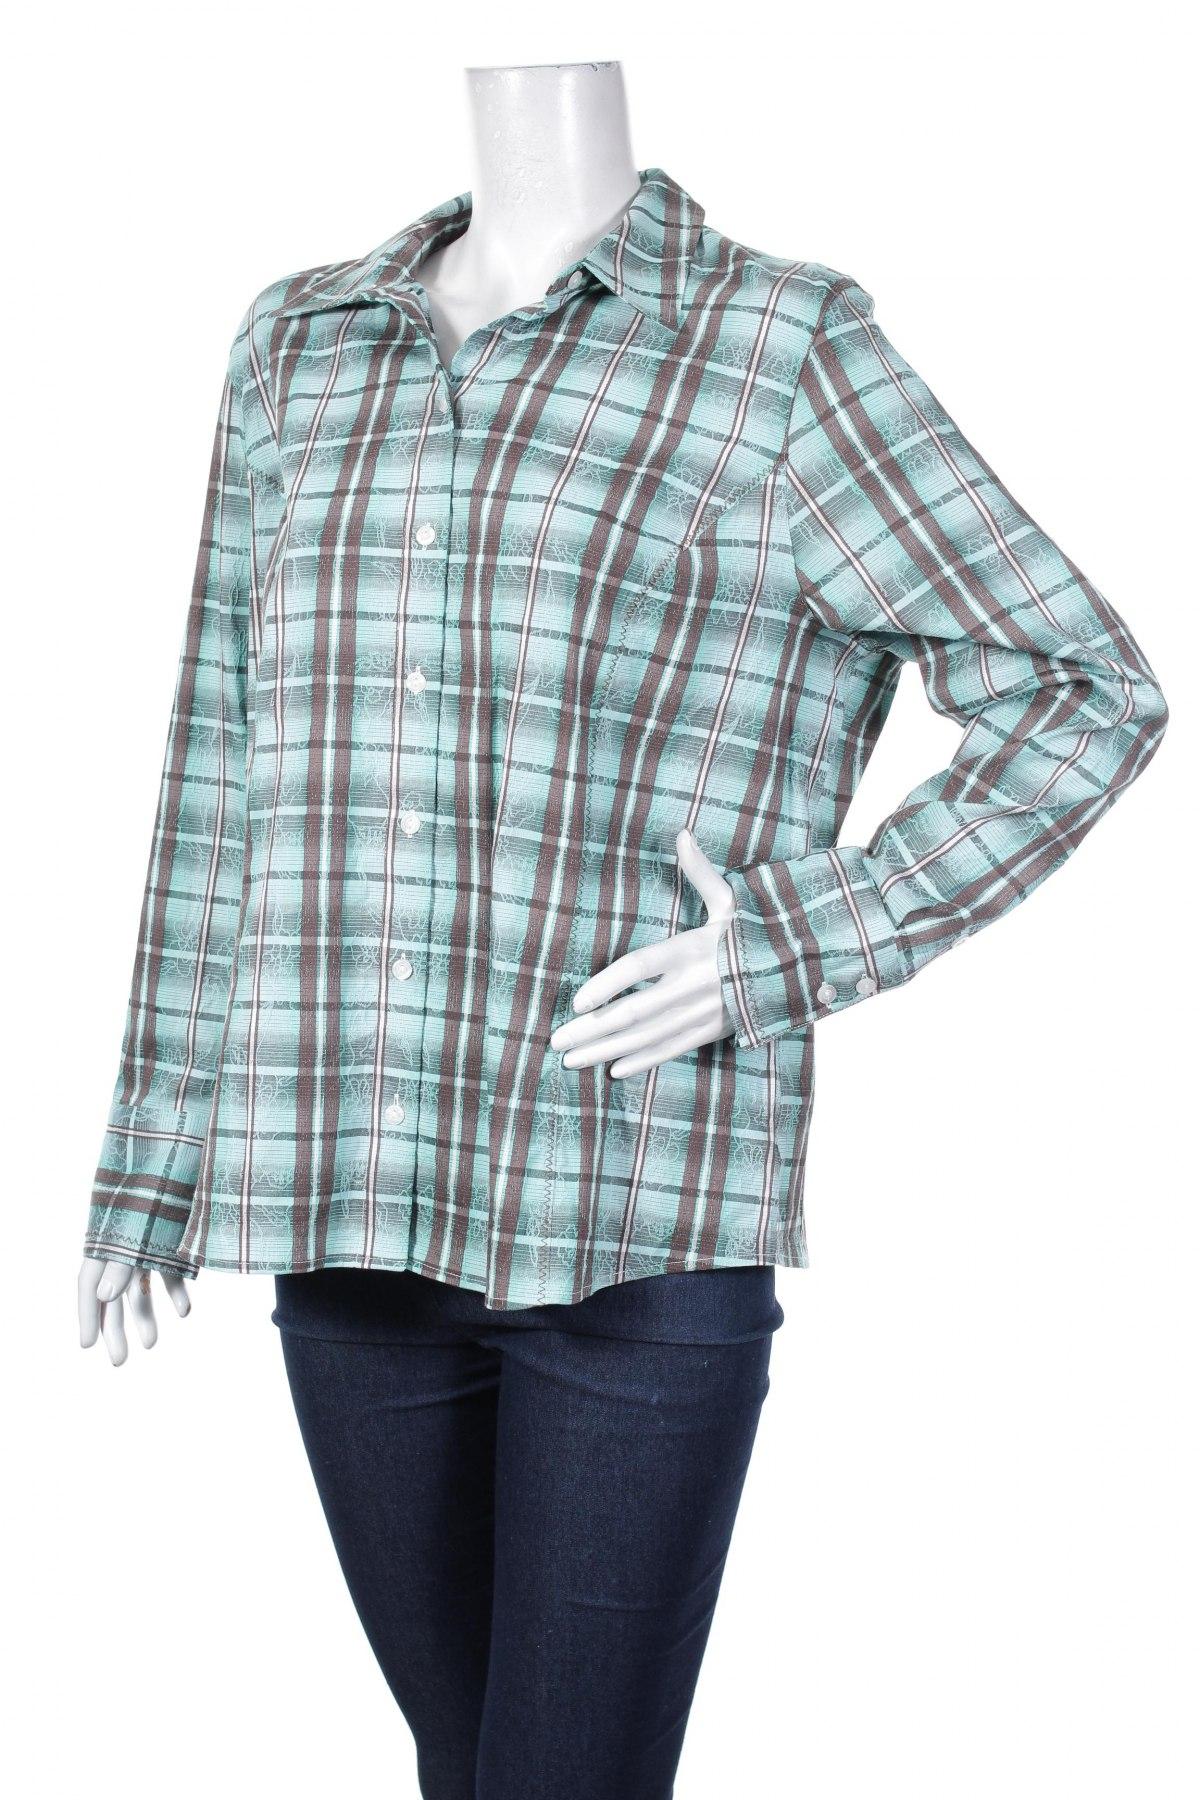 Γυναικείο πουκάμισο Bonita, Μέγεθος XL, Χρώμα Πολύχρωμο, 57% βαμβάκι, 42% πολυεστέρας, 1% ελαστάνη, Τιμή 19,30€